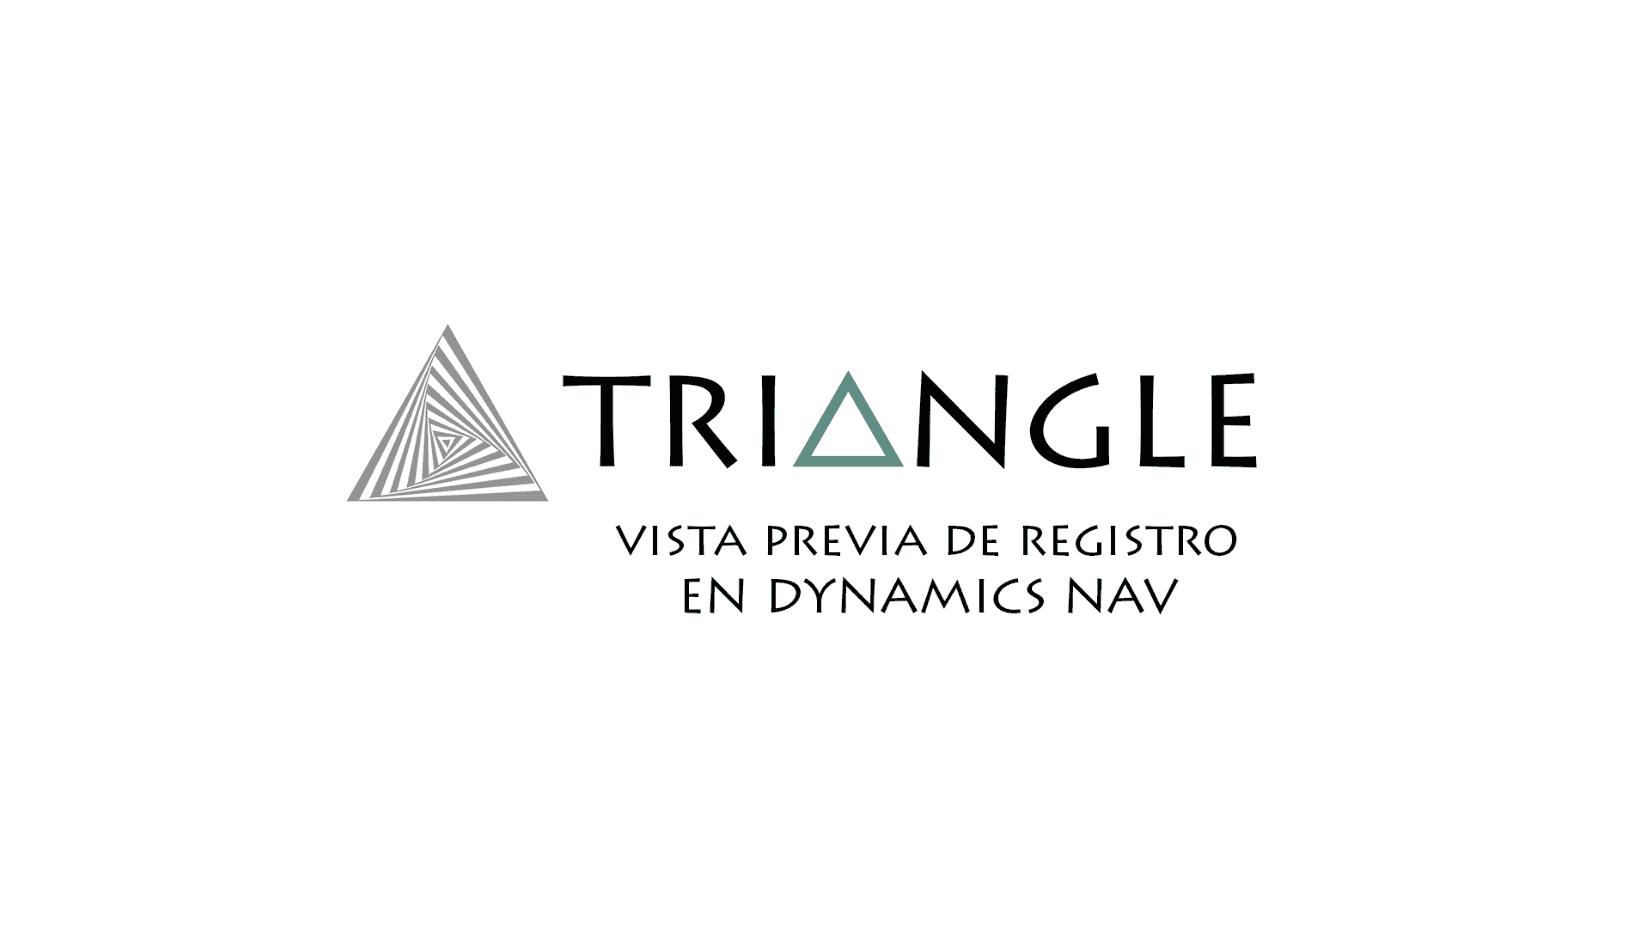 Vistra-previa-de-registro-en-Dynamics-NAV-portada